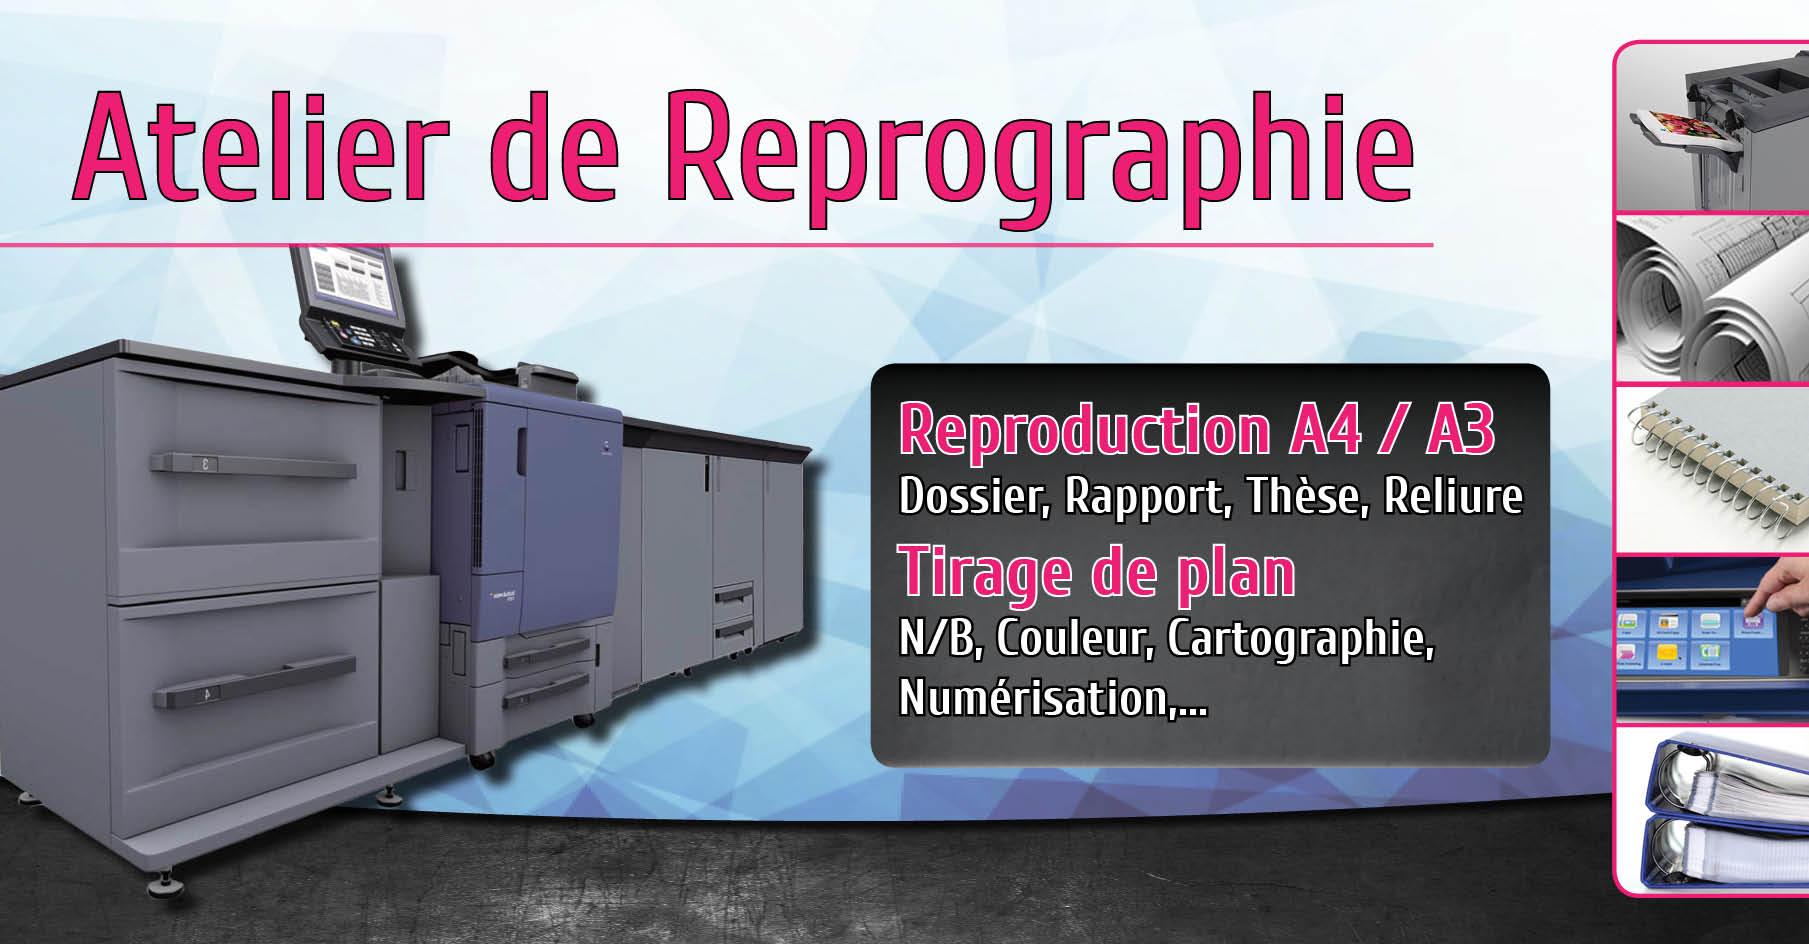 Atelier de Reprographie